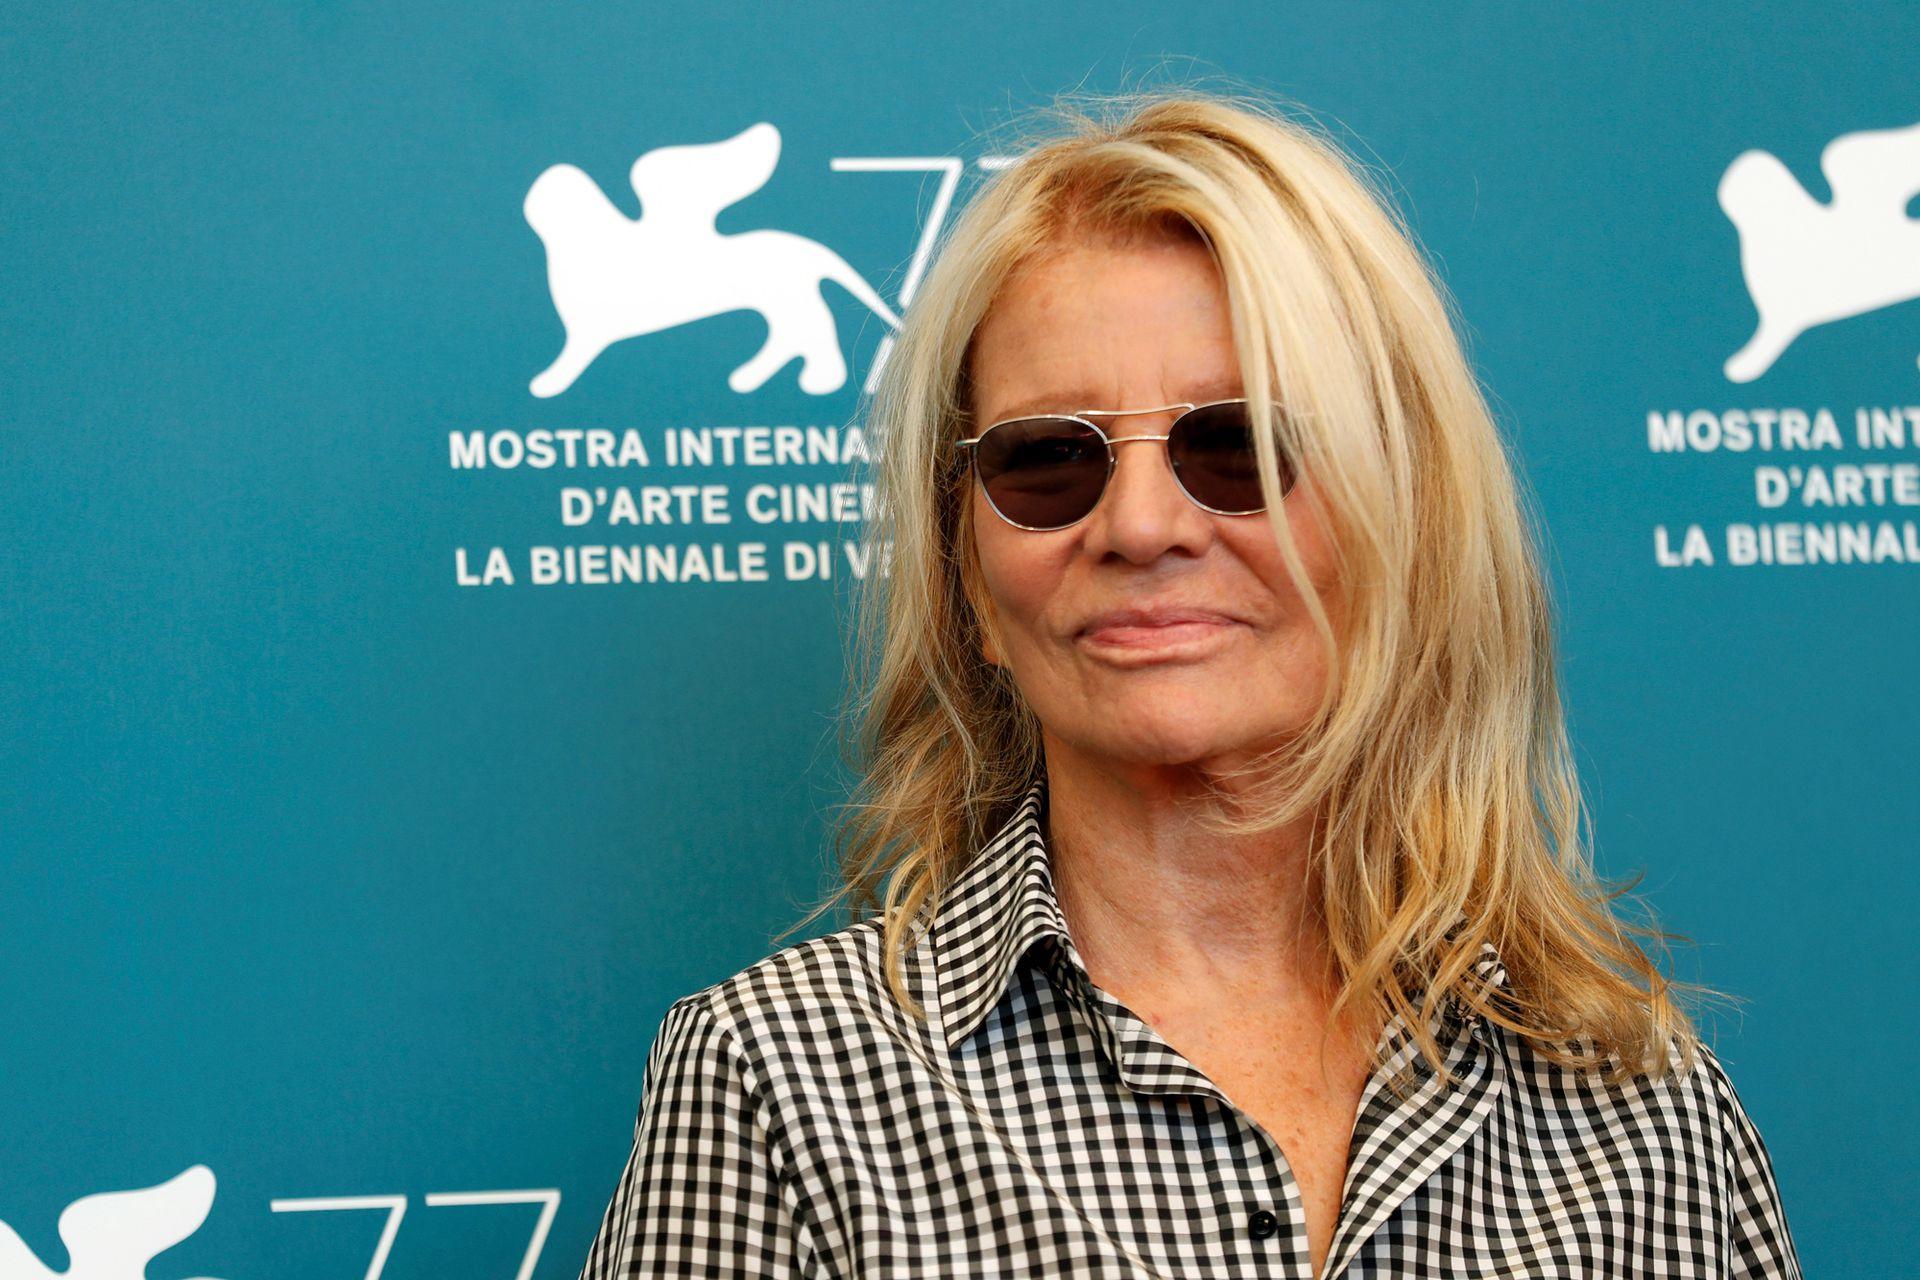 """77 ° Festival de Cine de Venecia - Proyección de la película """"Lovers"""" en competición - Photocall - Venecia, Italia 3 de septiembre de 2020 - Poses de la directora Nicole García."""